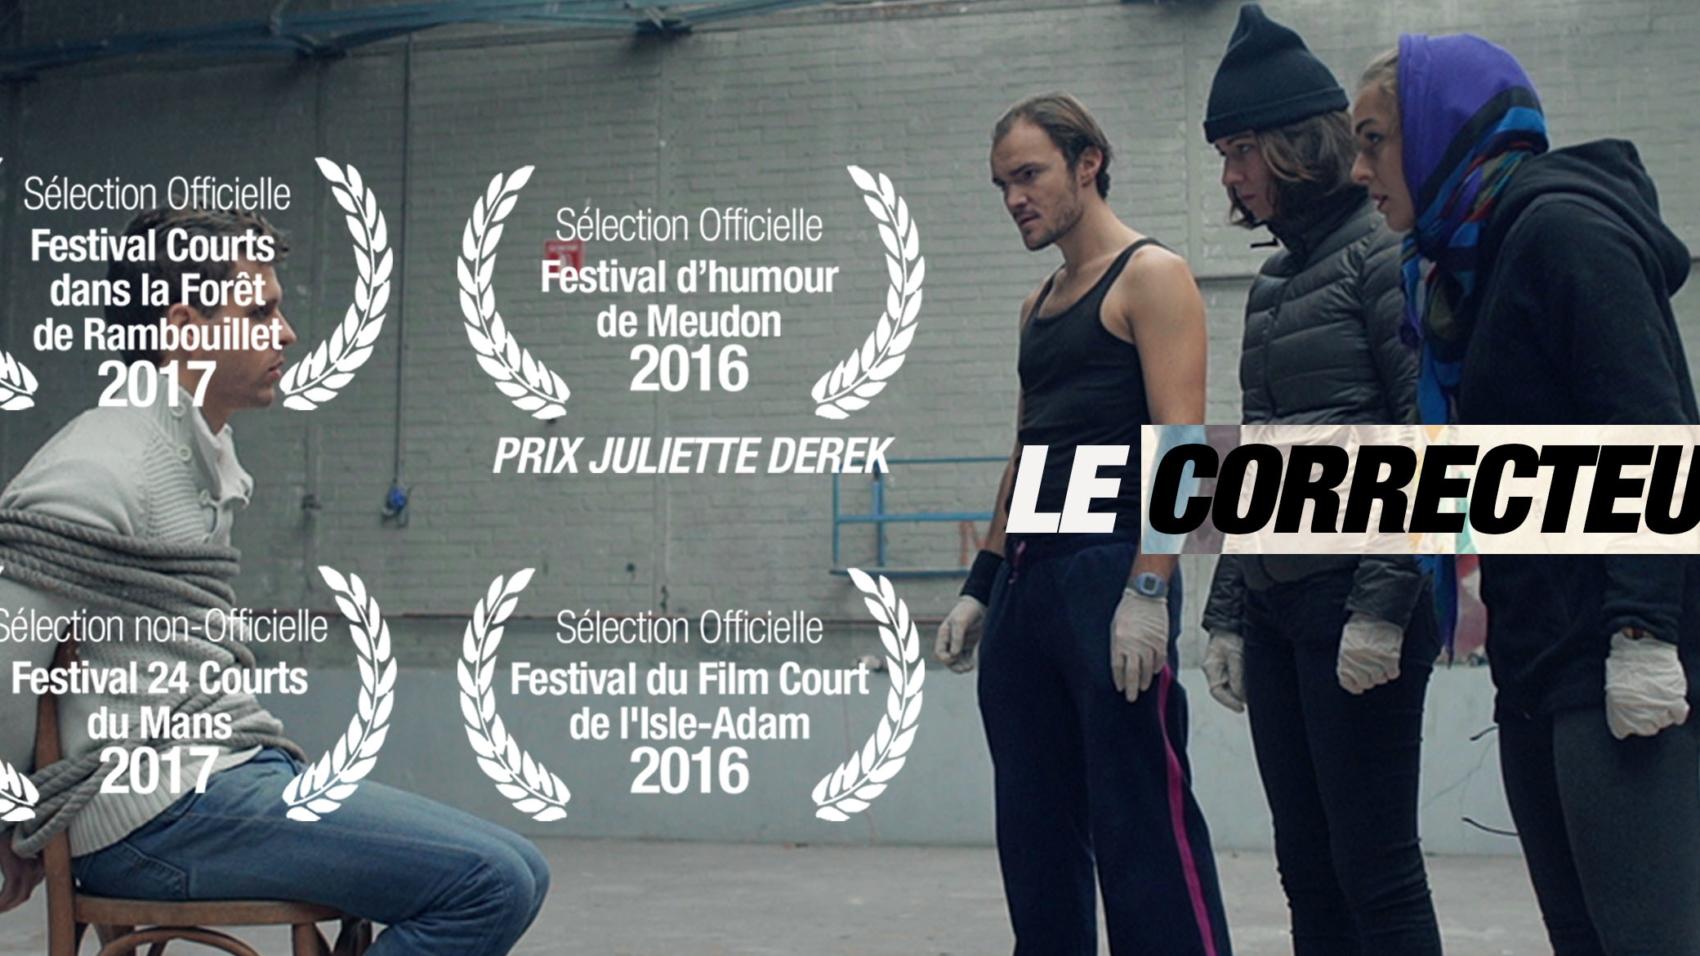 VIGNETTES_FILMS_CORRECTEUR_3